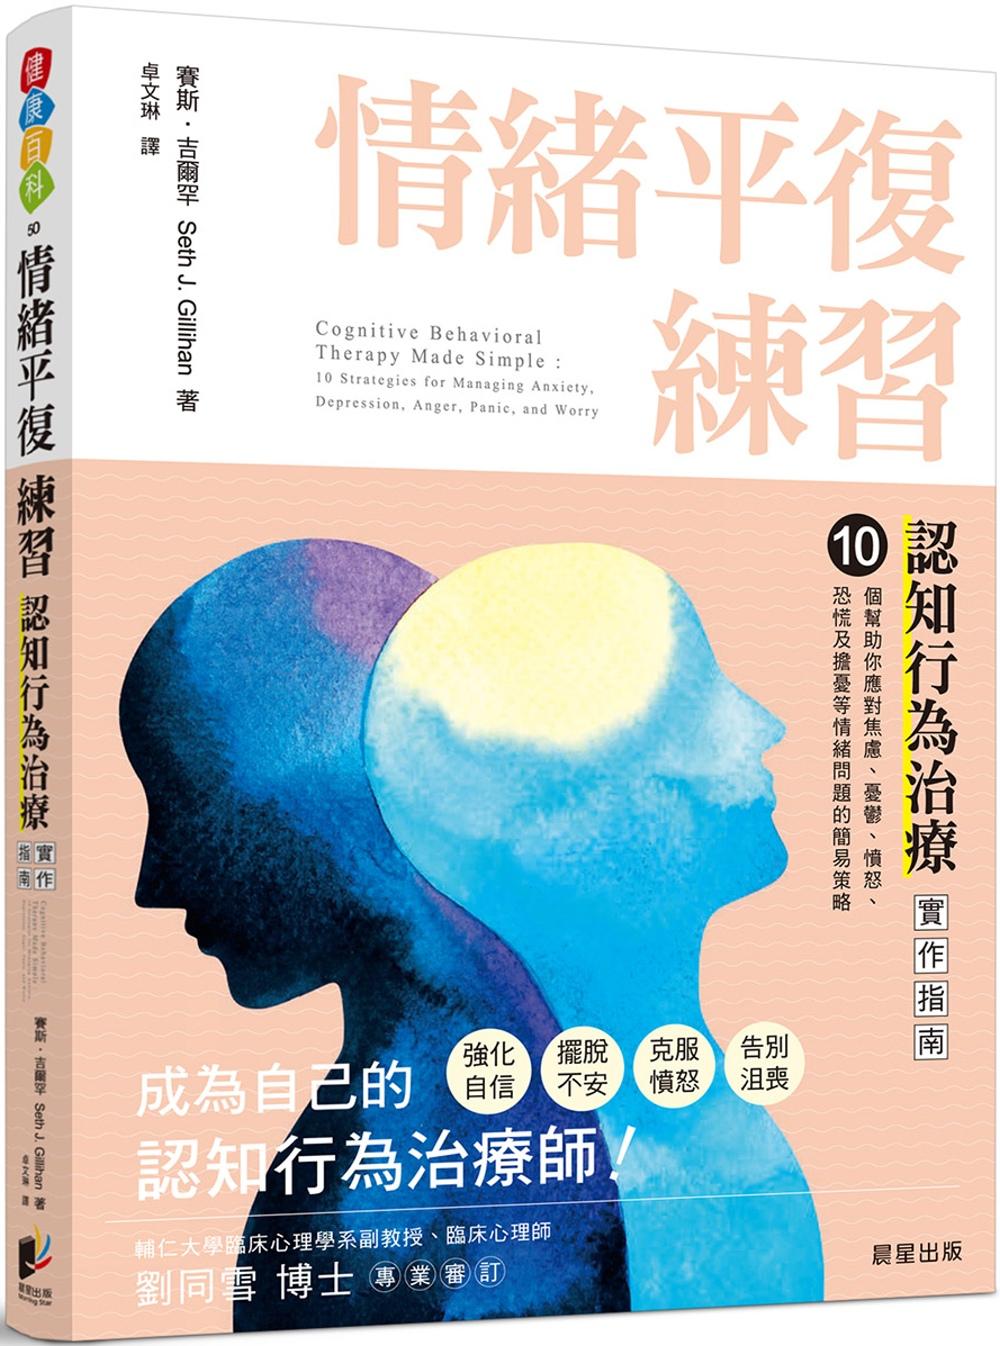 情緒平復練習:認知行為治療實作指南,10個幫助你應對焦慮、憂鬱、憤怒、恐慌及擔憂等情緒問題的簡易策略